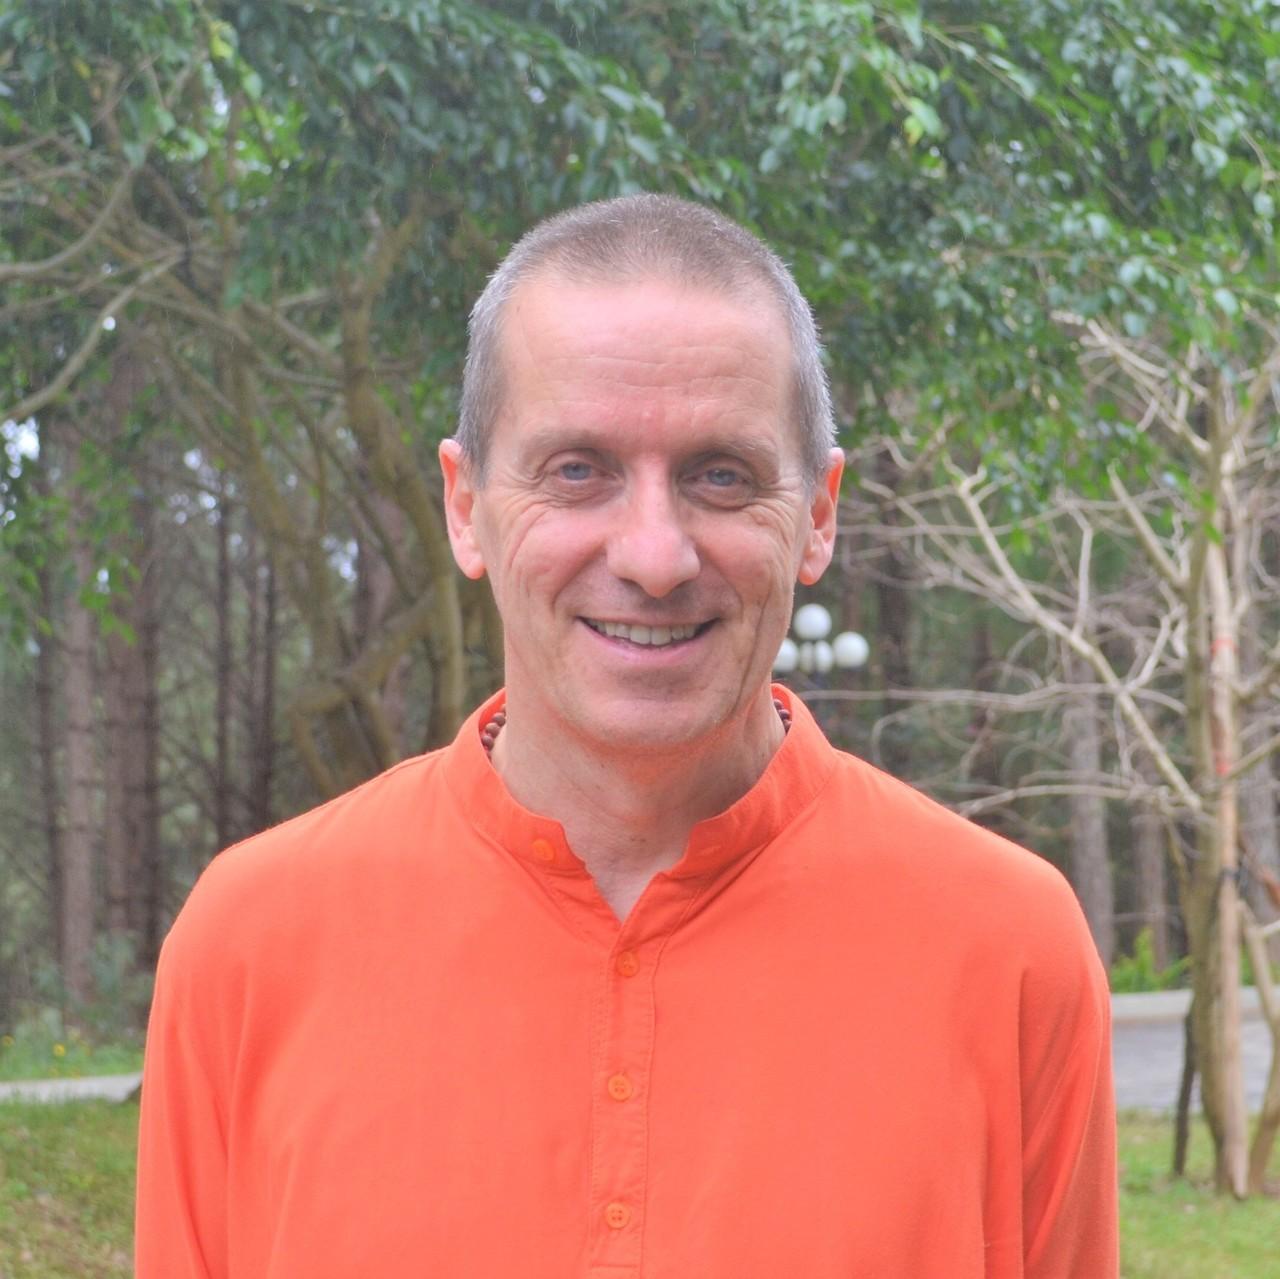 サットサンガ 講話「バクティヨーガとラージャヨーガの関係~内なる神と平和を見出す~」